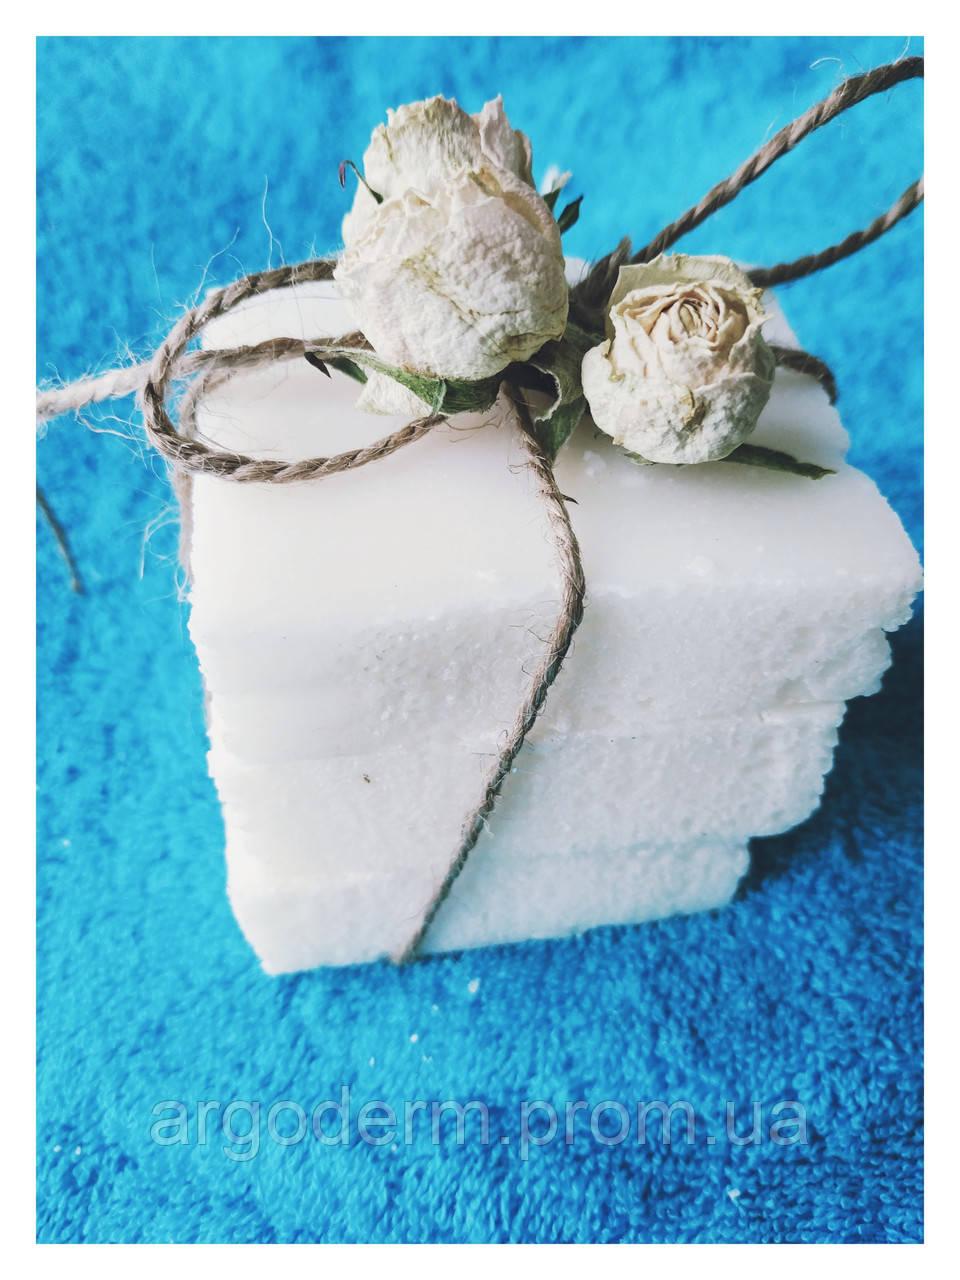 Мыло для ручной стирки детских вещей и вещей  новорожденных , для стирки нательного белья